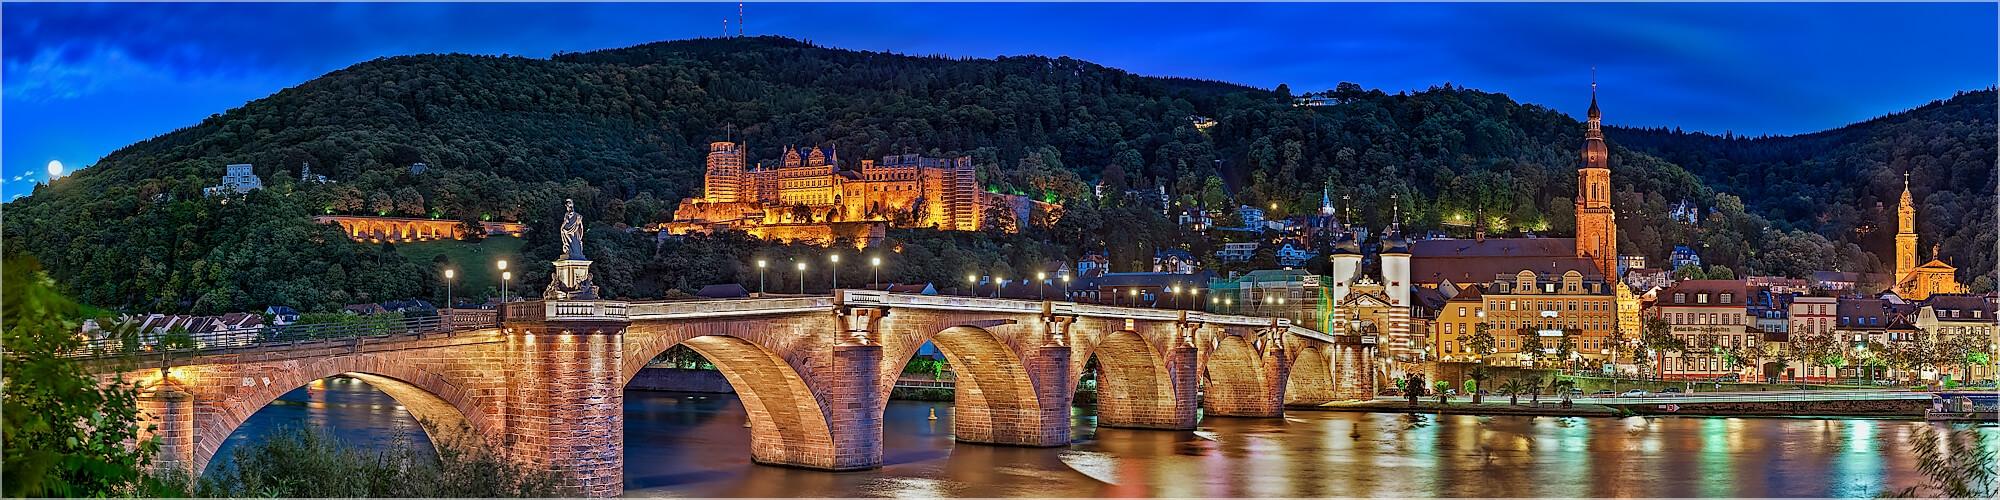 Panoramabild Heidelberger alte Brücke